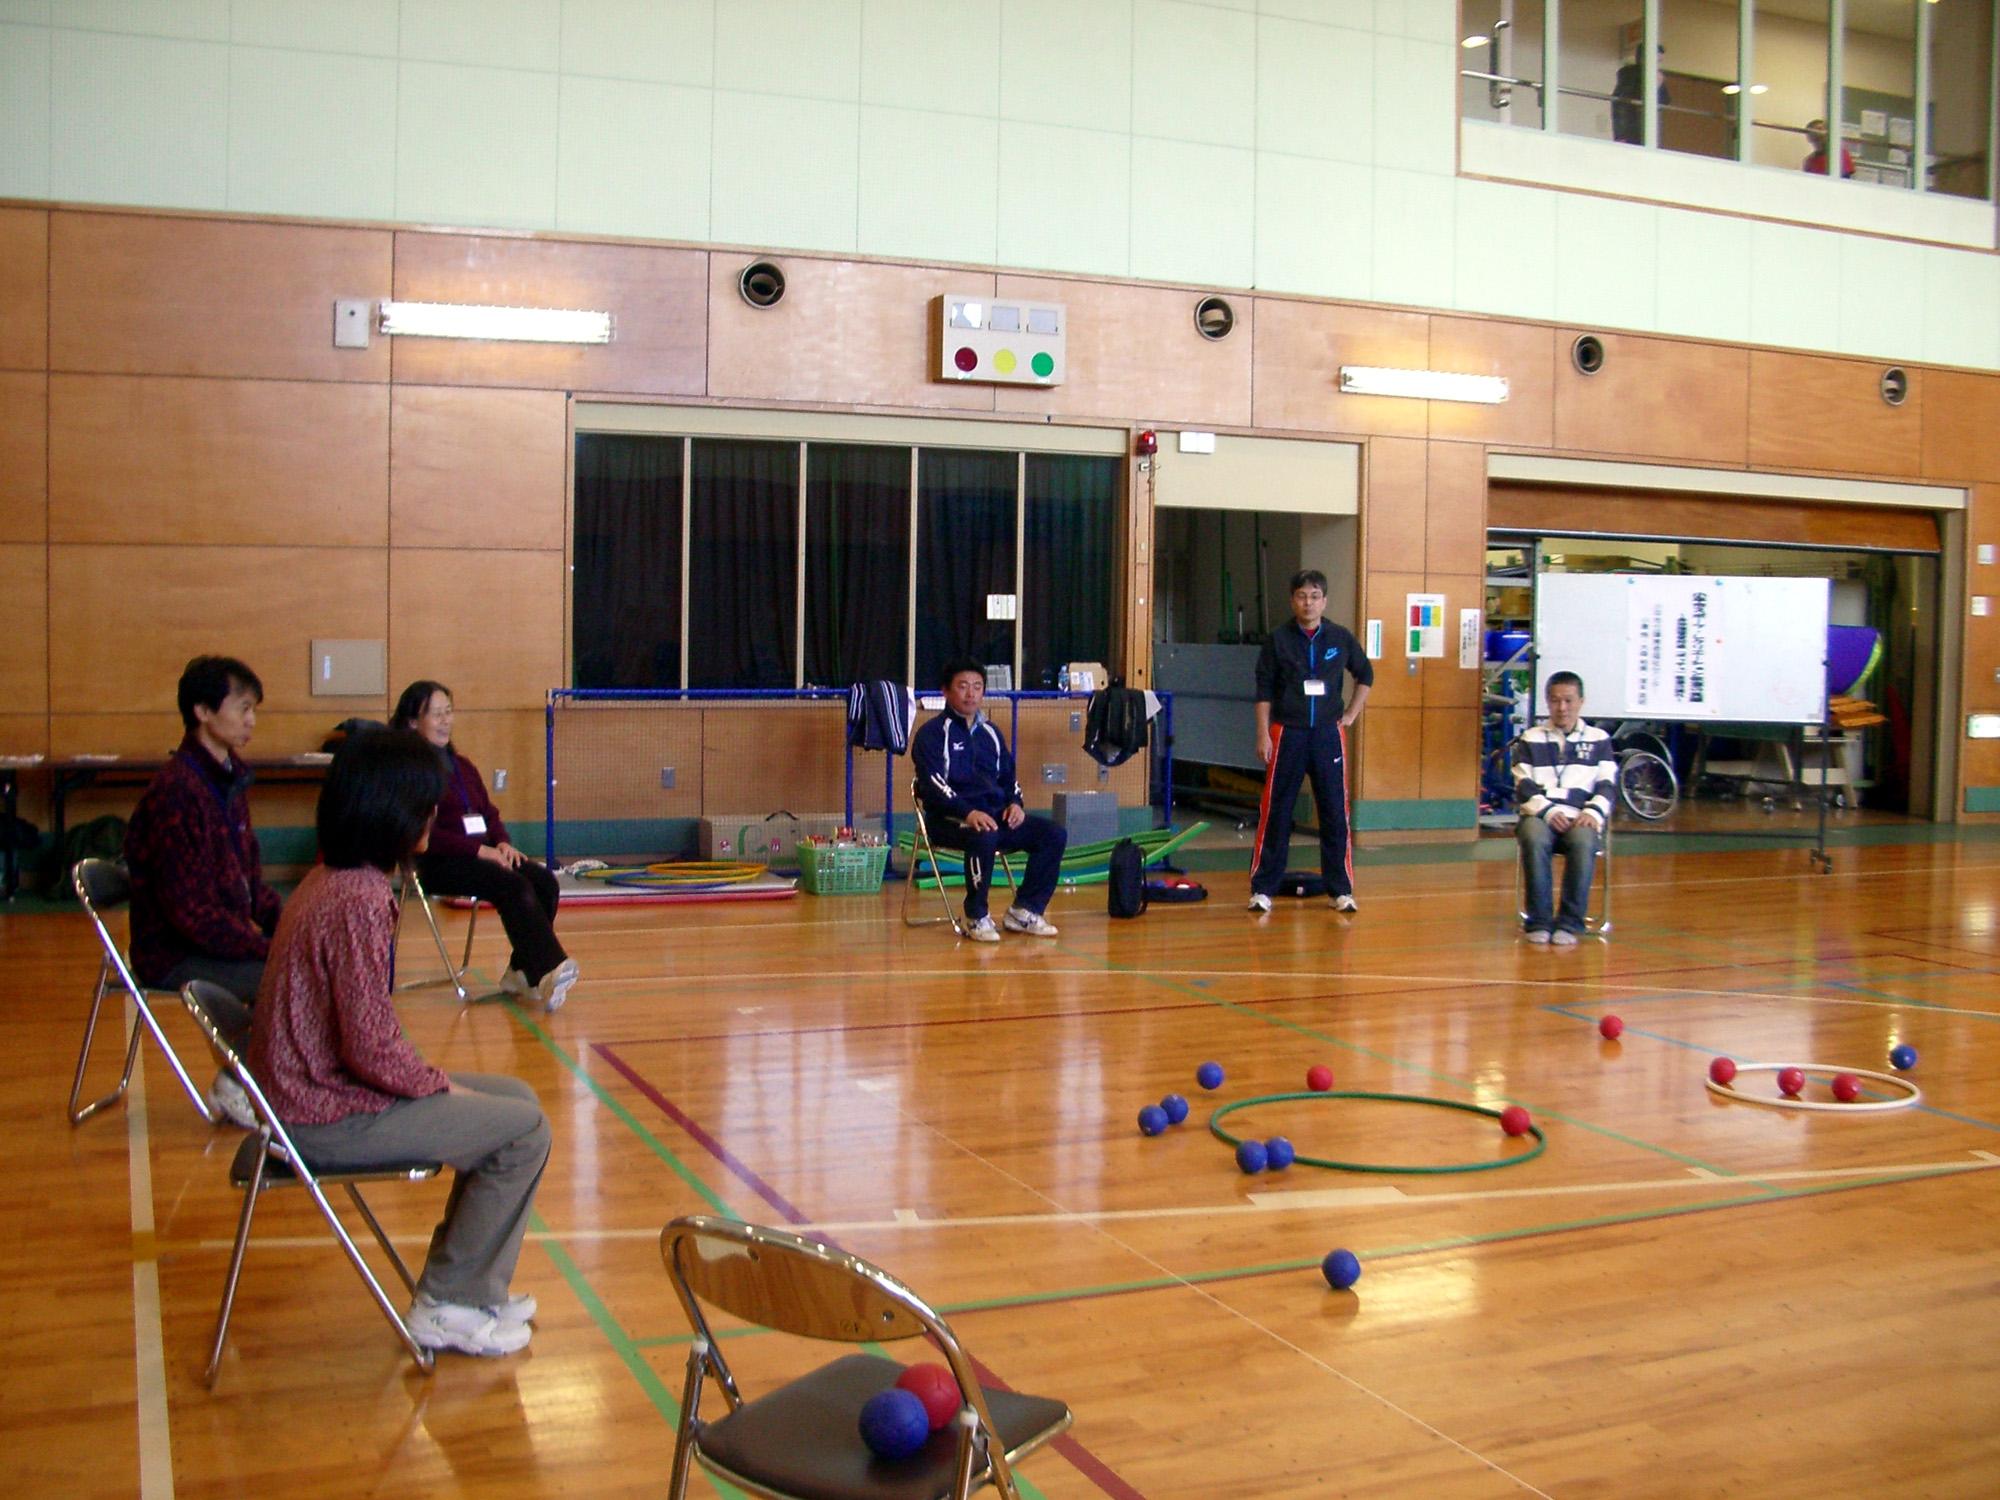 IMGP2887 -  講習会より・・・ 障害者スポーツボランティアコーディネーター講習会を実施しました